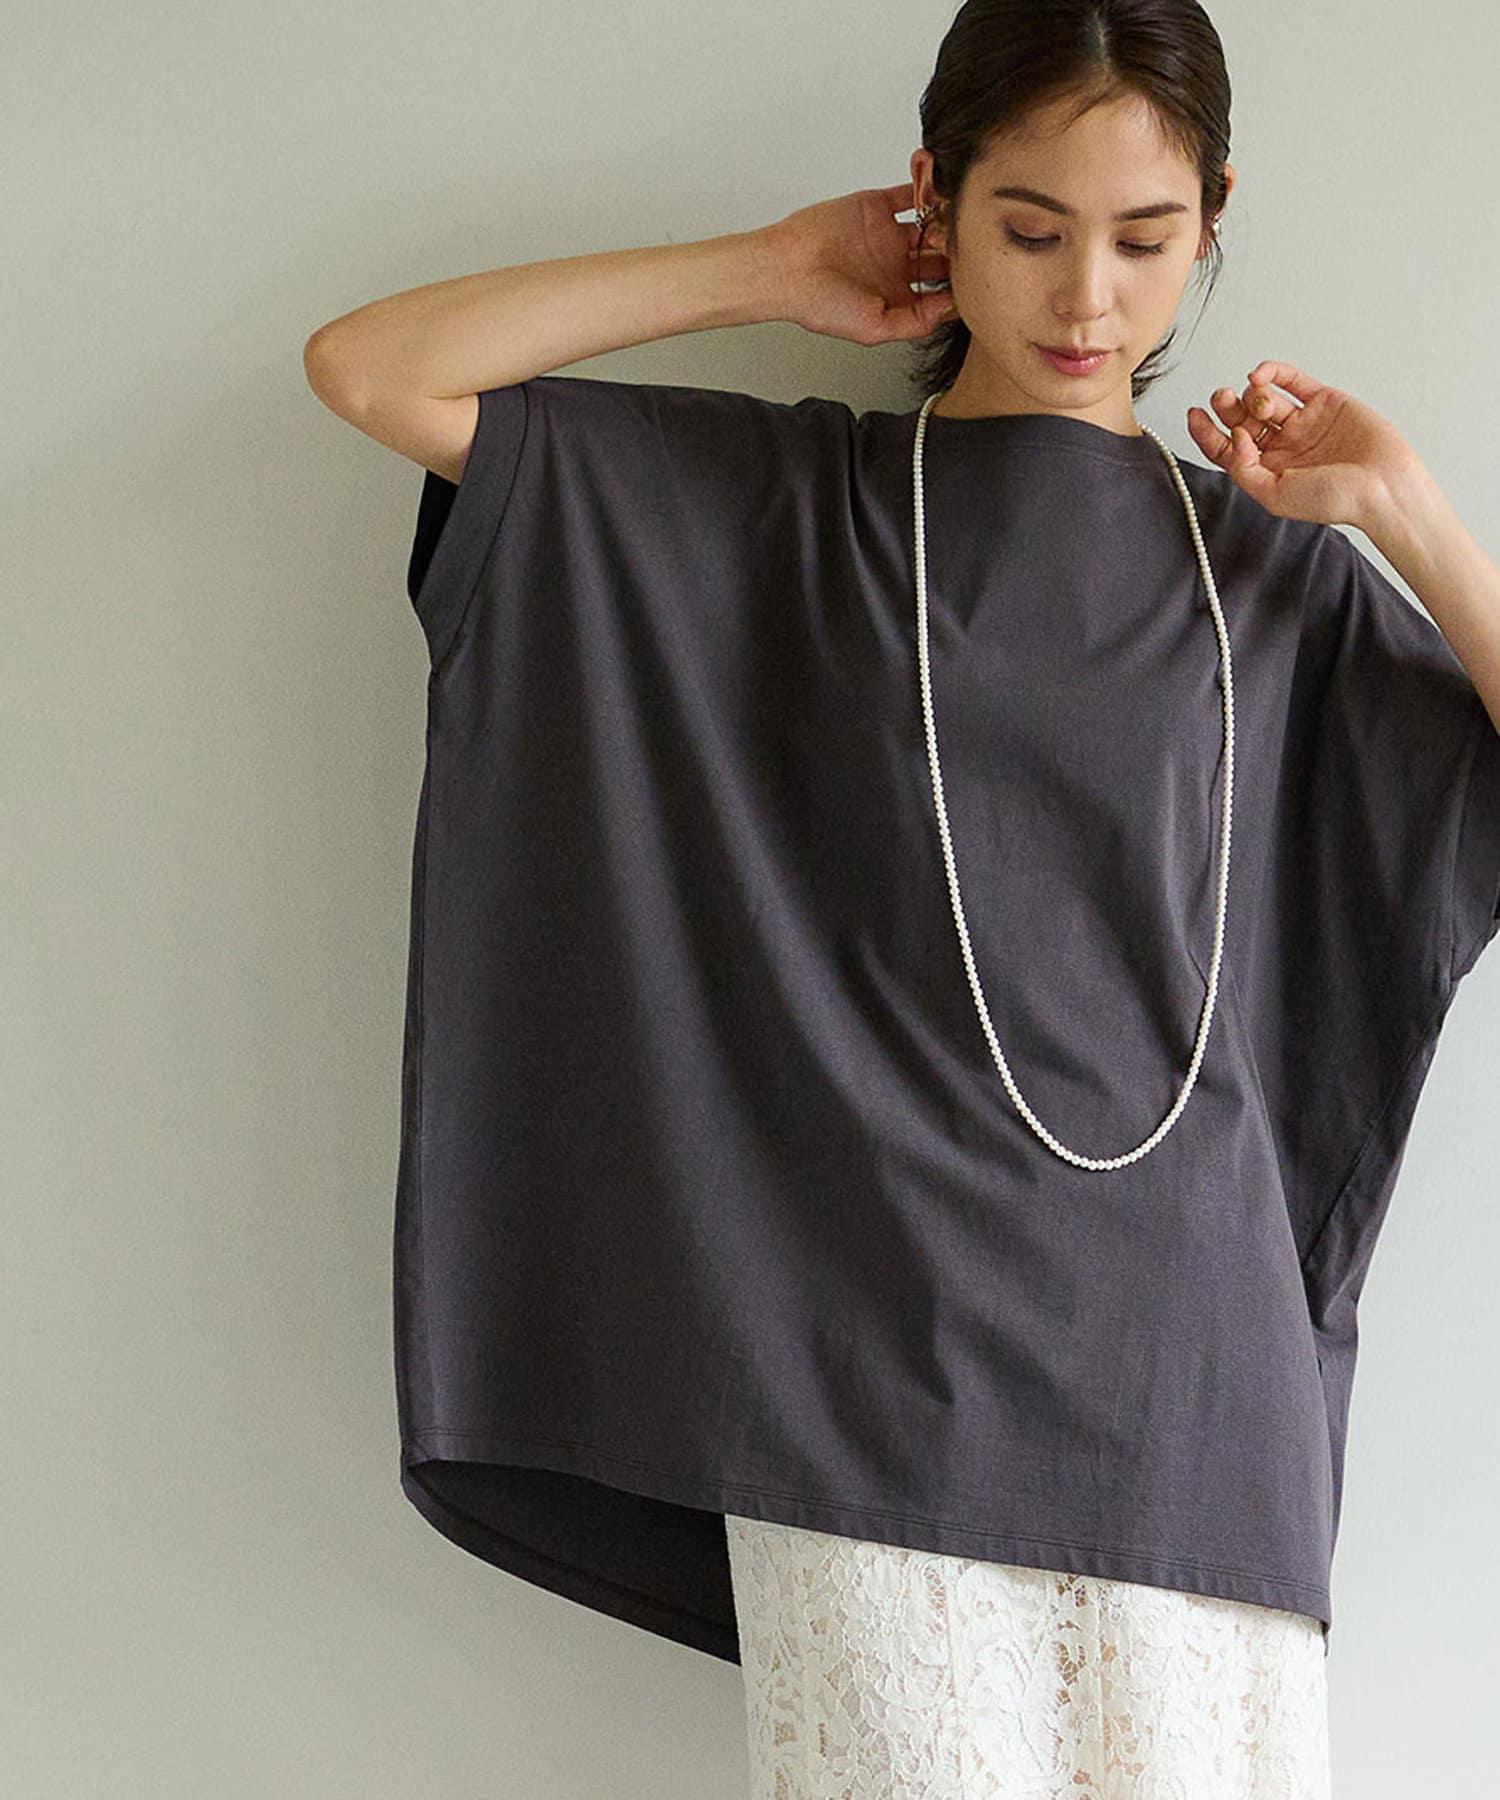 La boutique BonBon(ラブティックボンボン) バックスリットオーバーサイズビッグTシャツ